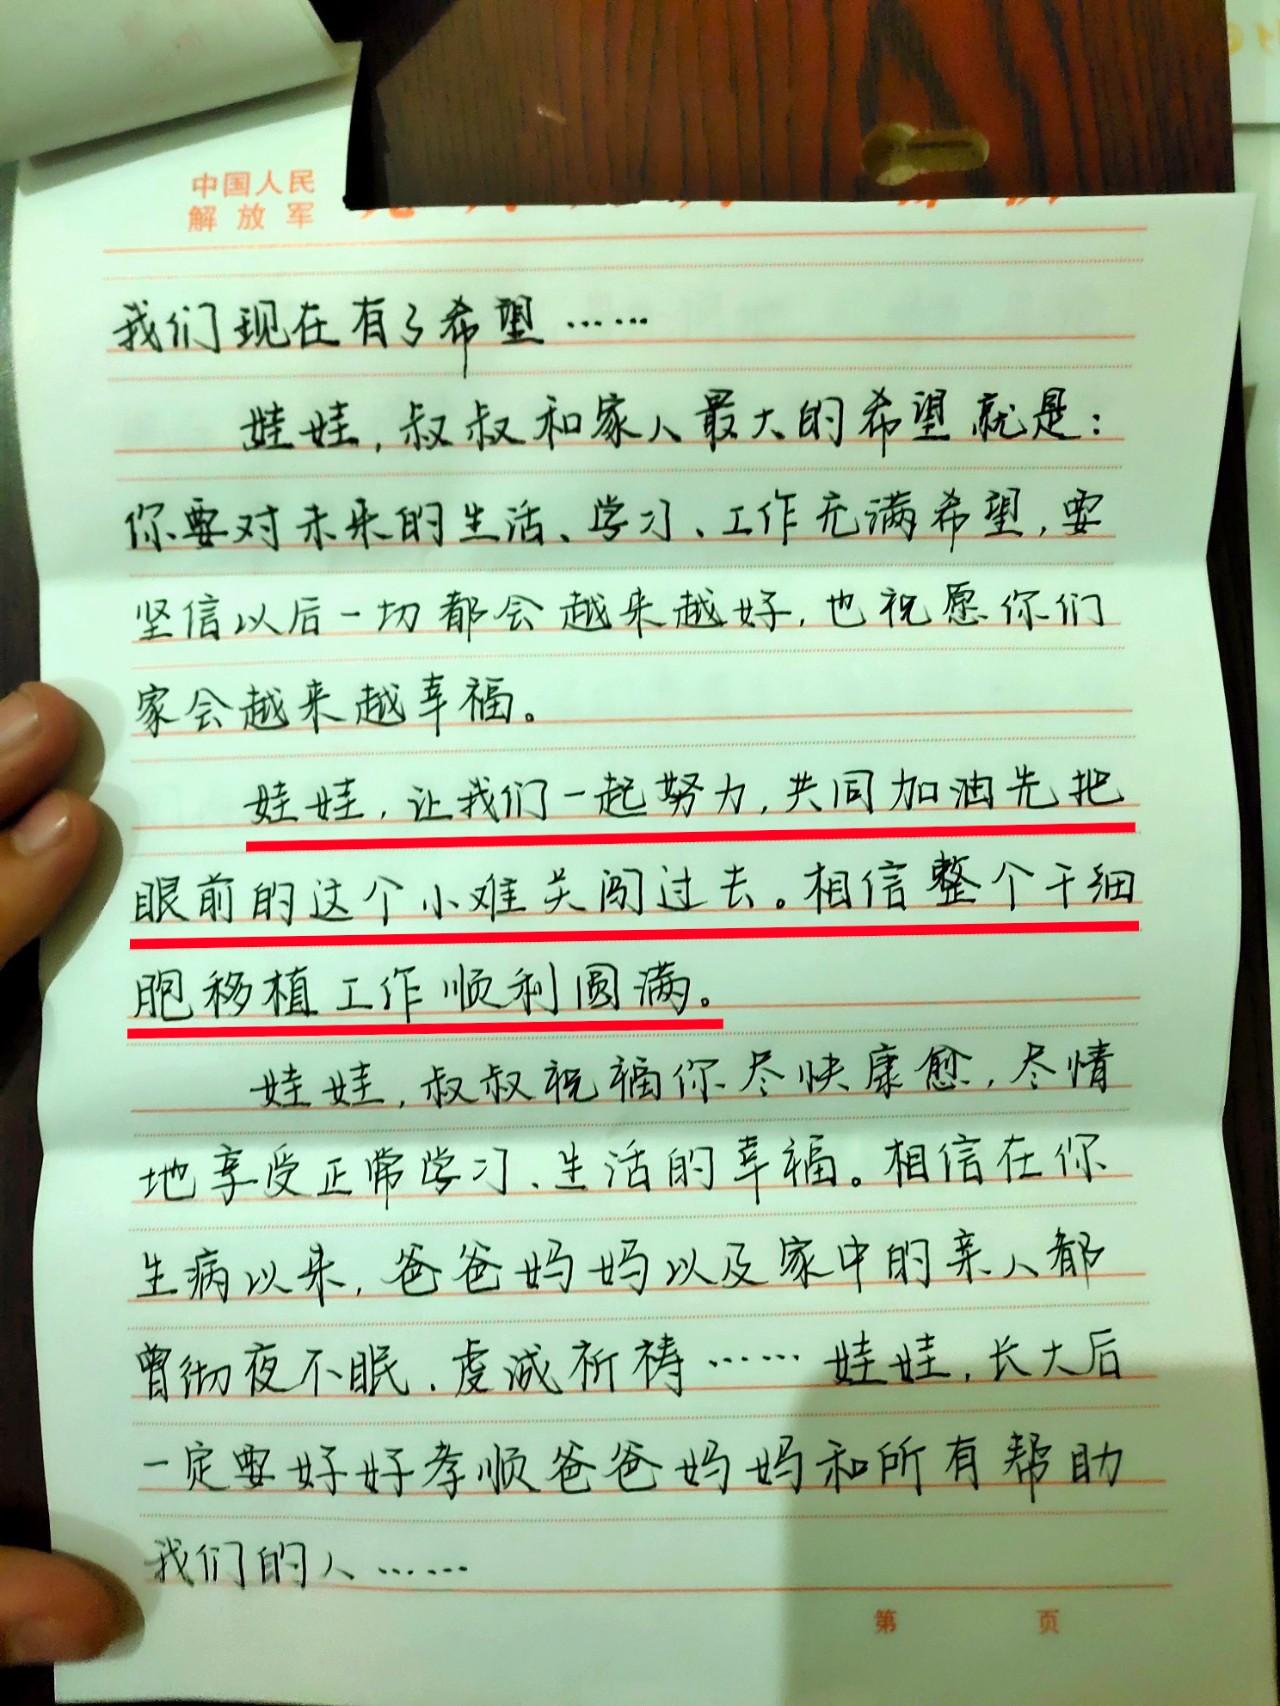 乐投线路检测中心,「美丽中国长江行」茶谷发展辟蹊径 工业旅游成绩亮眼